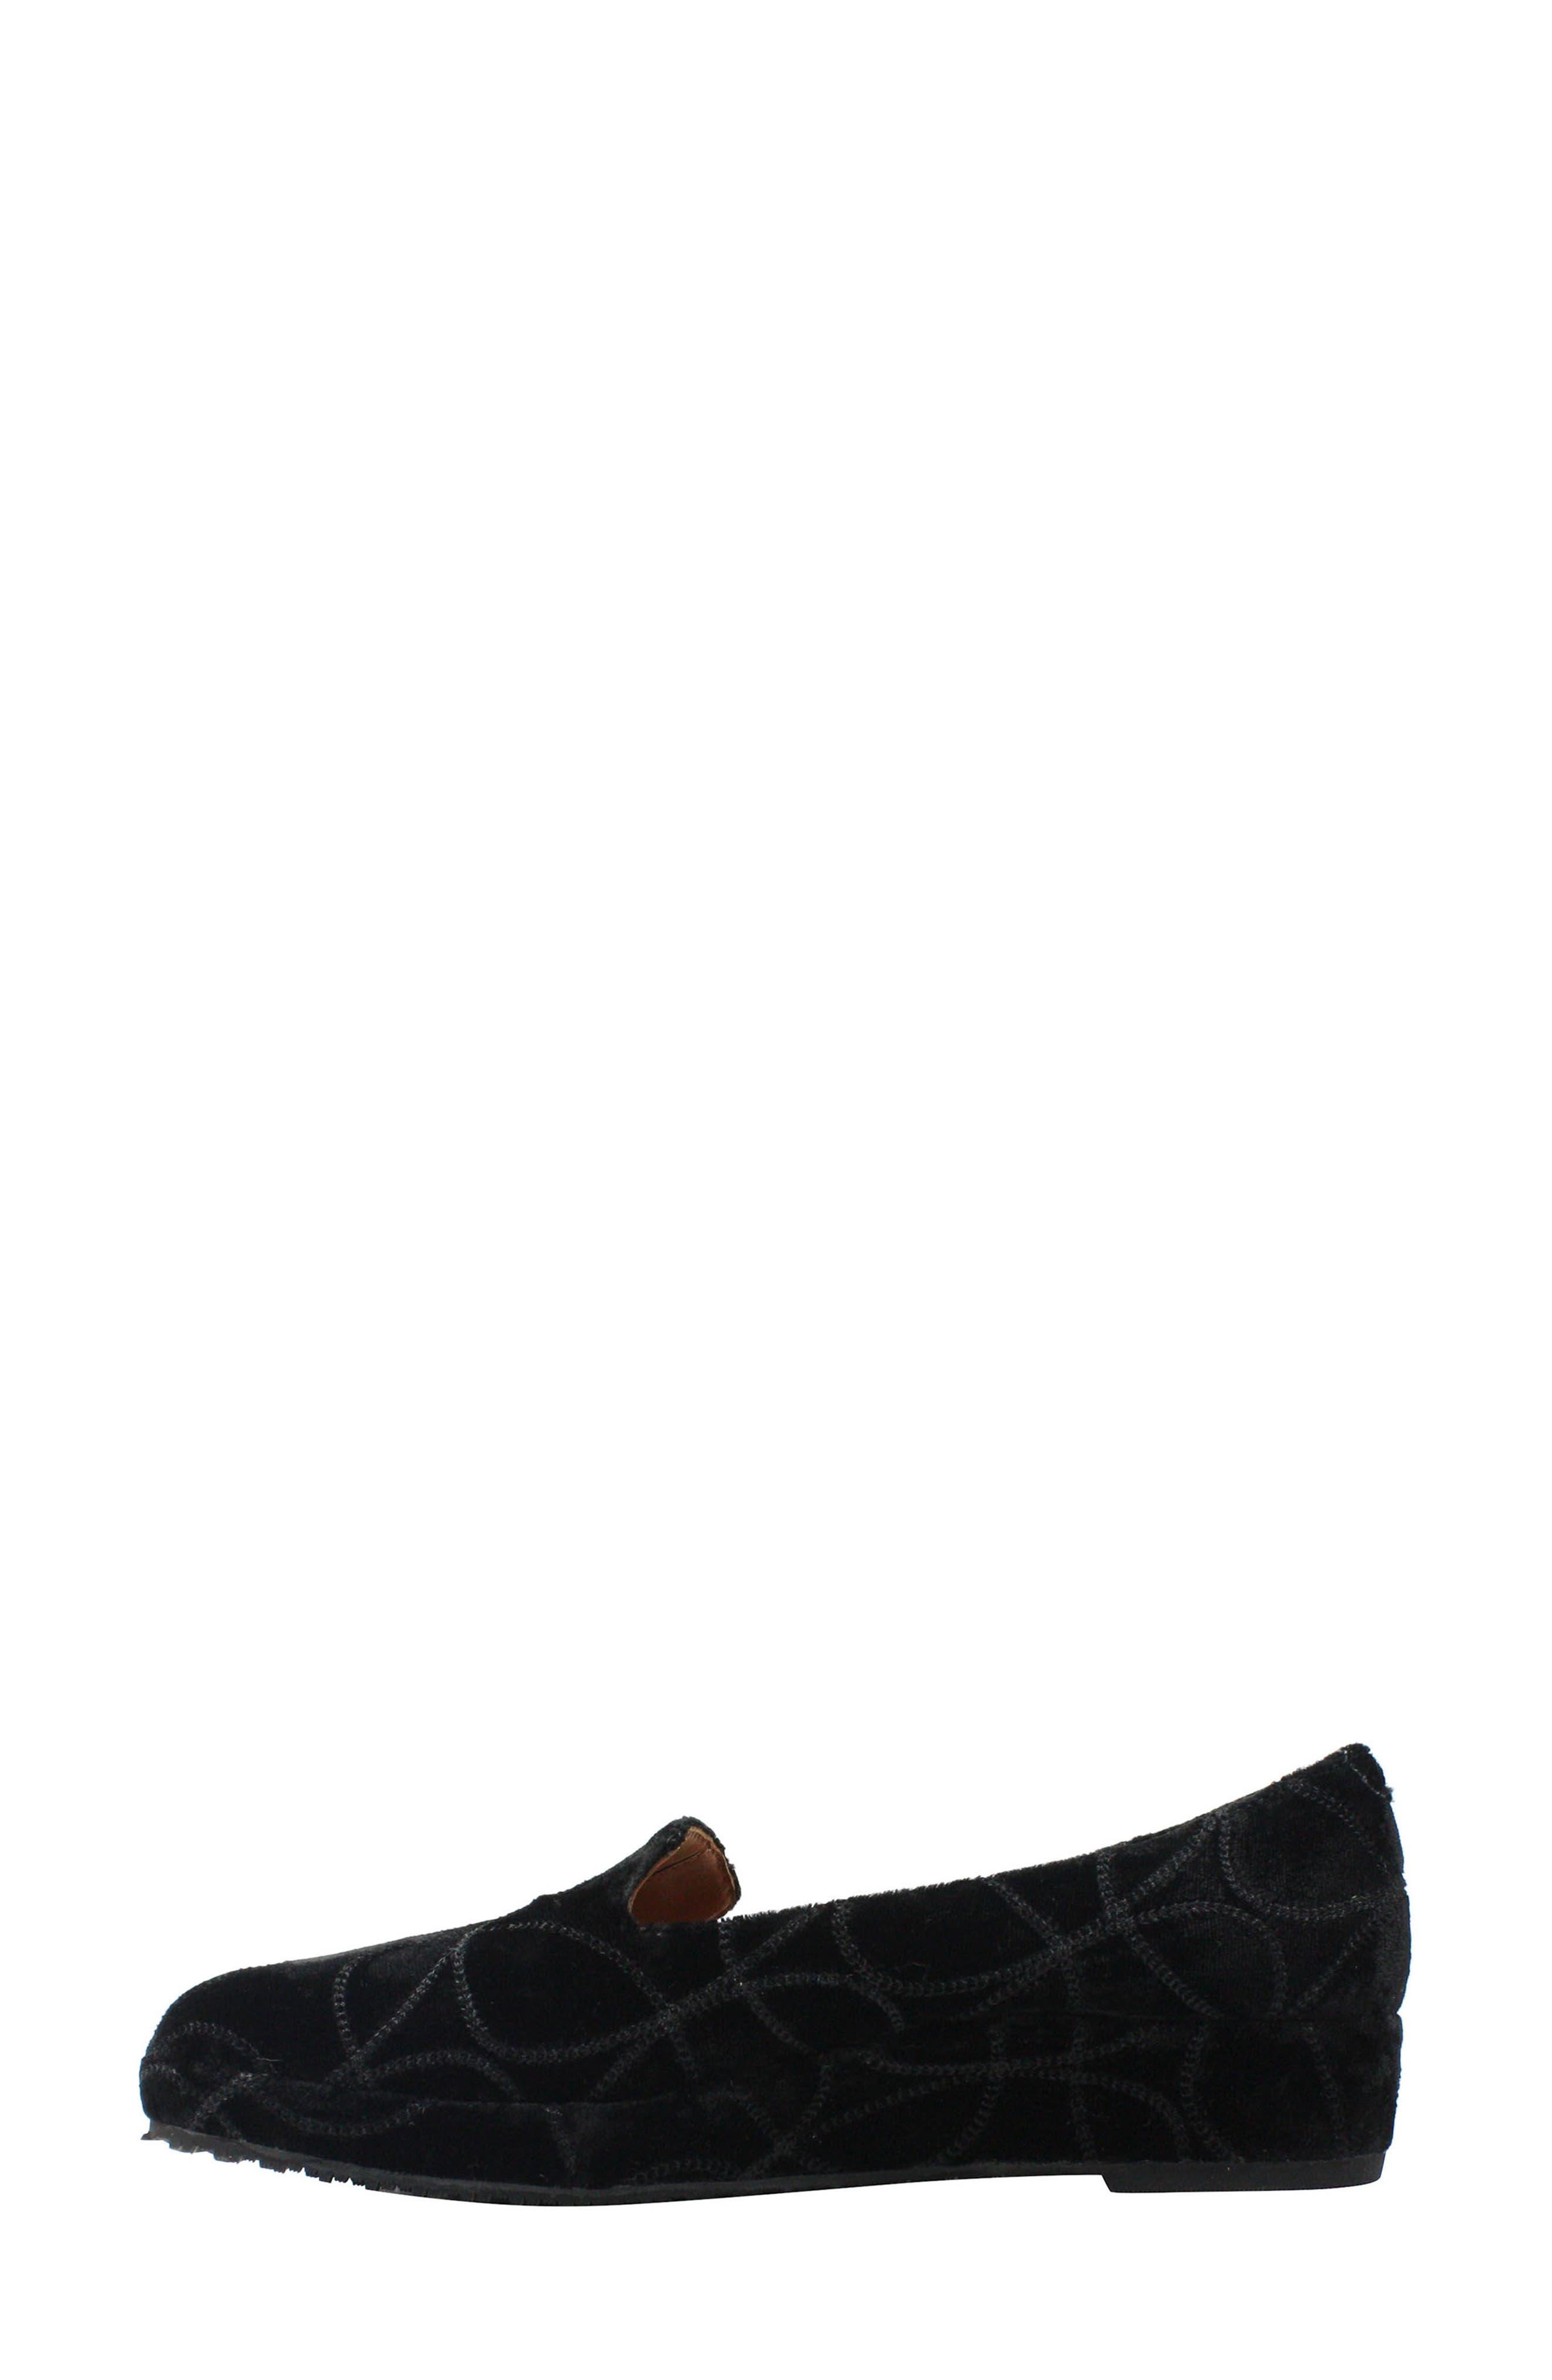 Carsoli Wedge Loafer,                             Alternate thumbnail 2, color,                             BLACK VELVET